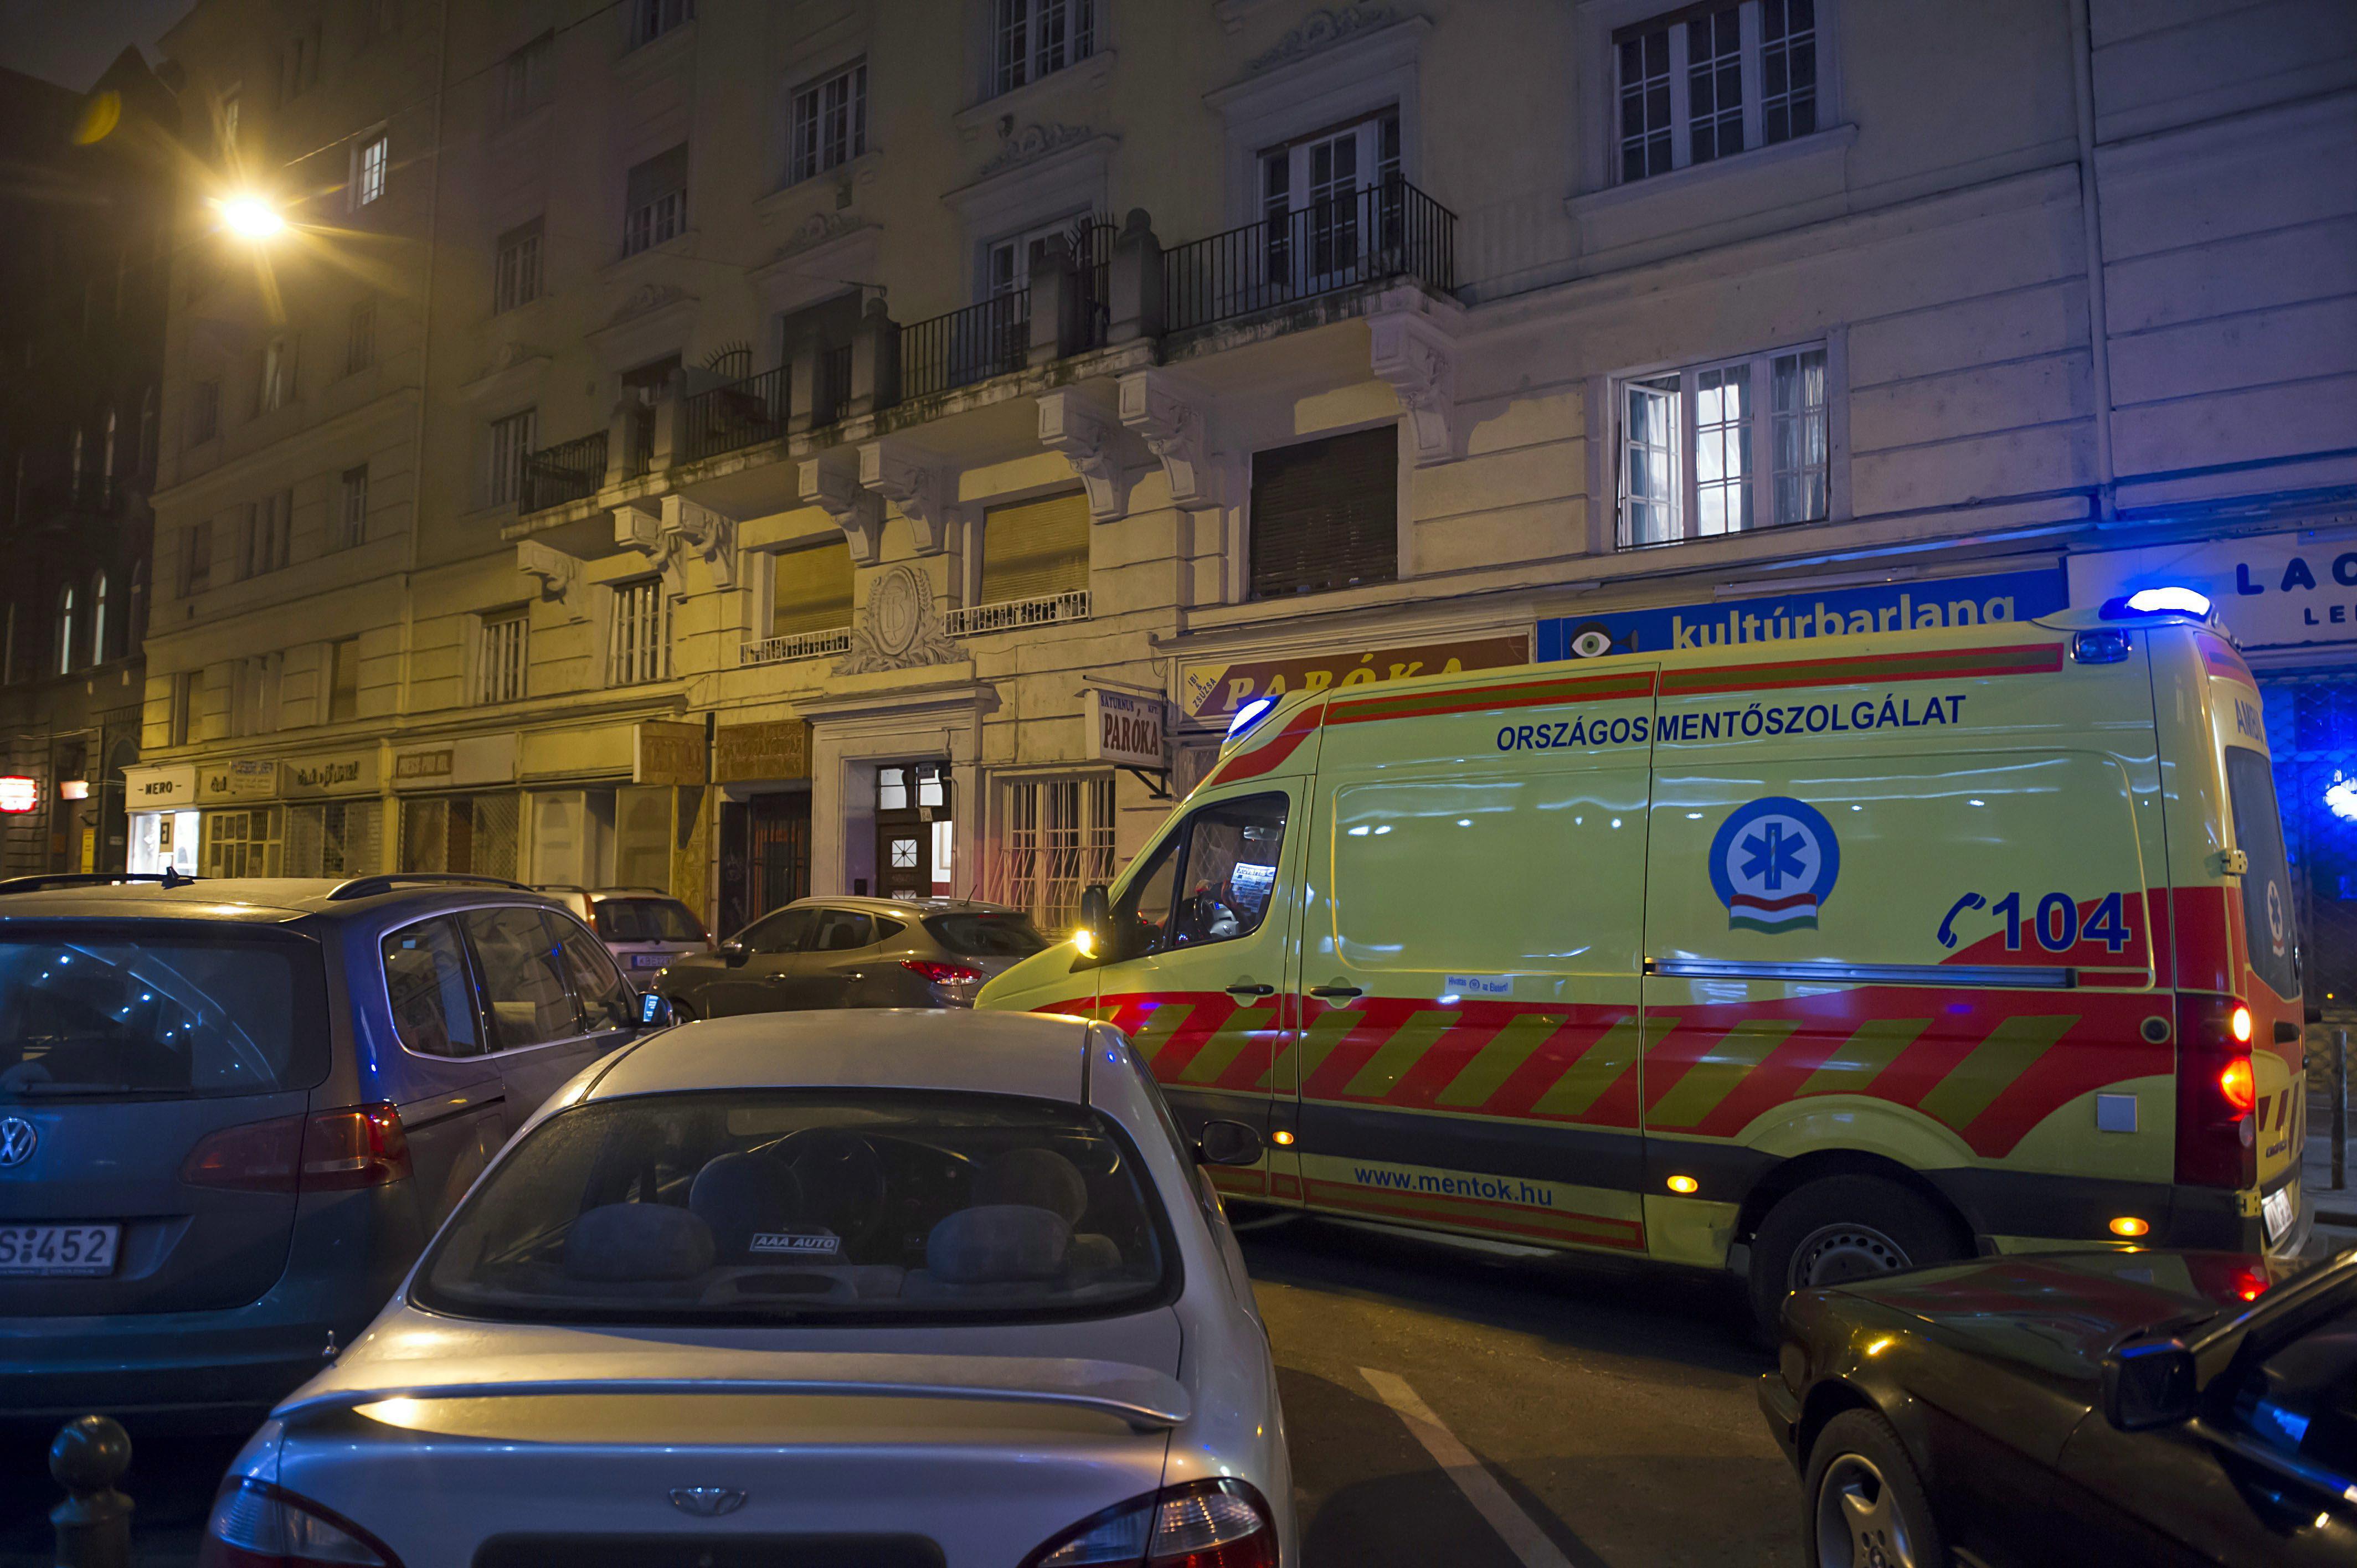 Órákon keresztül kerestek megfelelő kórházat a mentősök az életveszélyben lévő nőnek. Az asszony végül meghalt